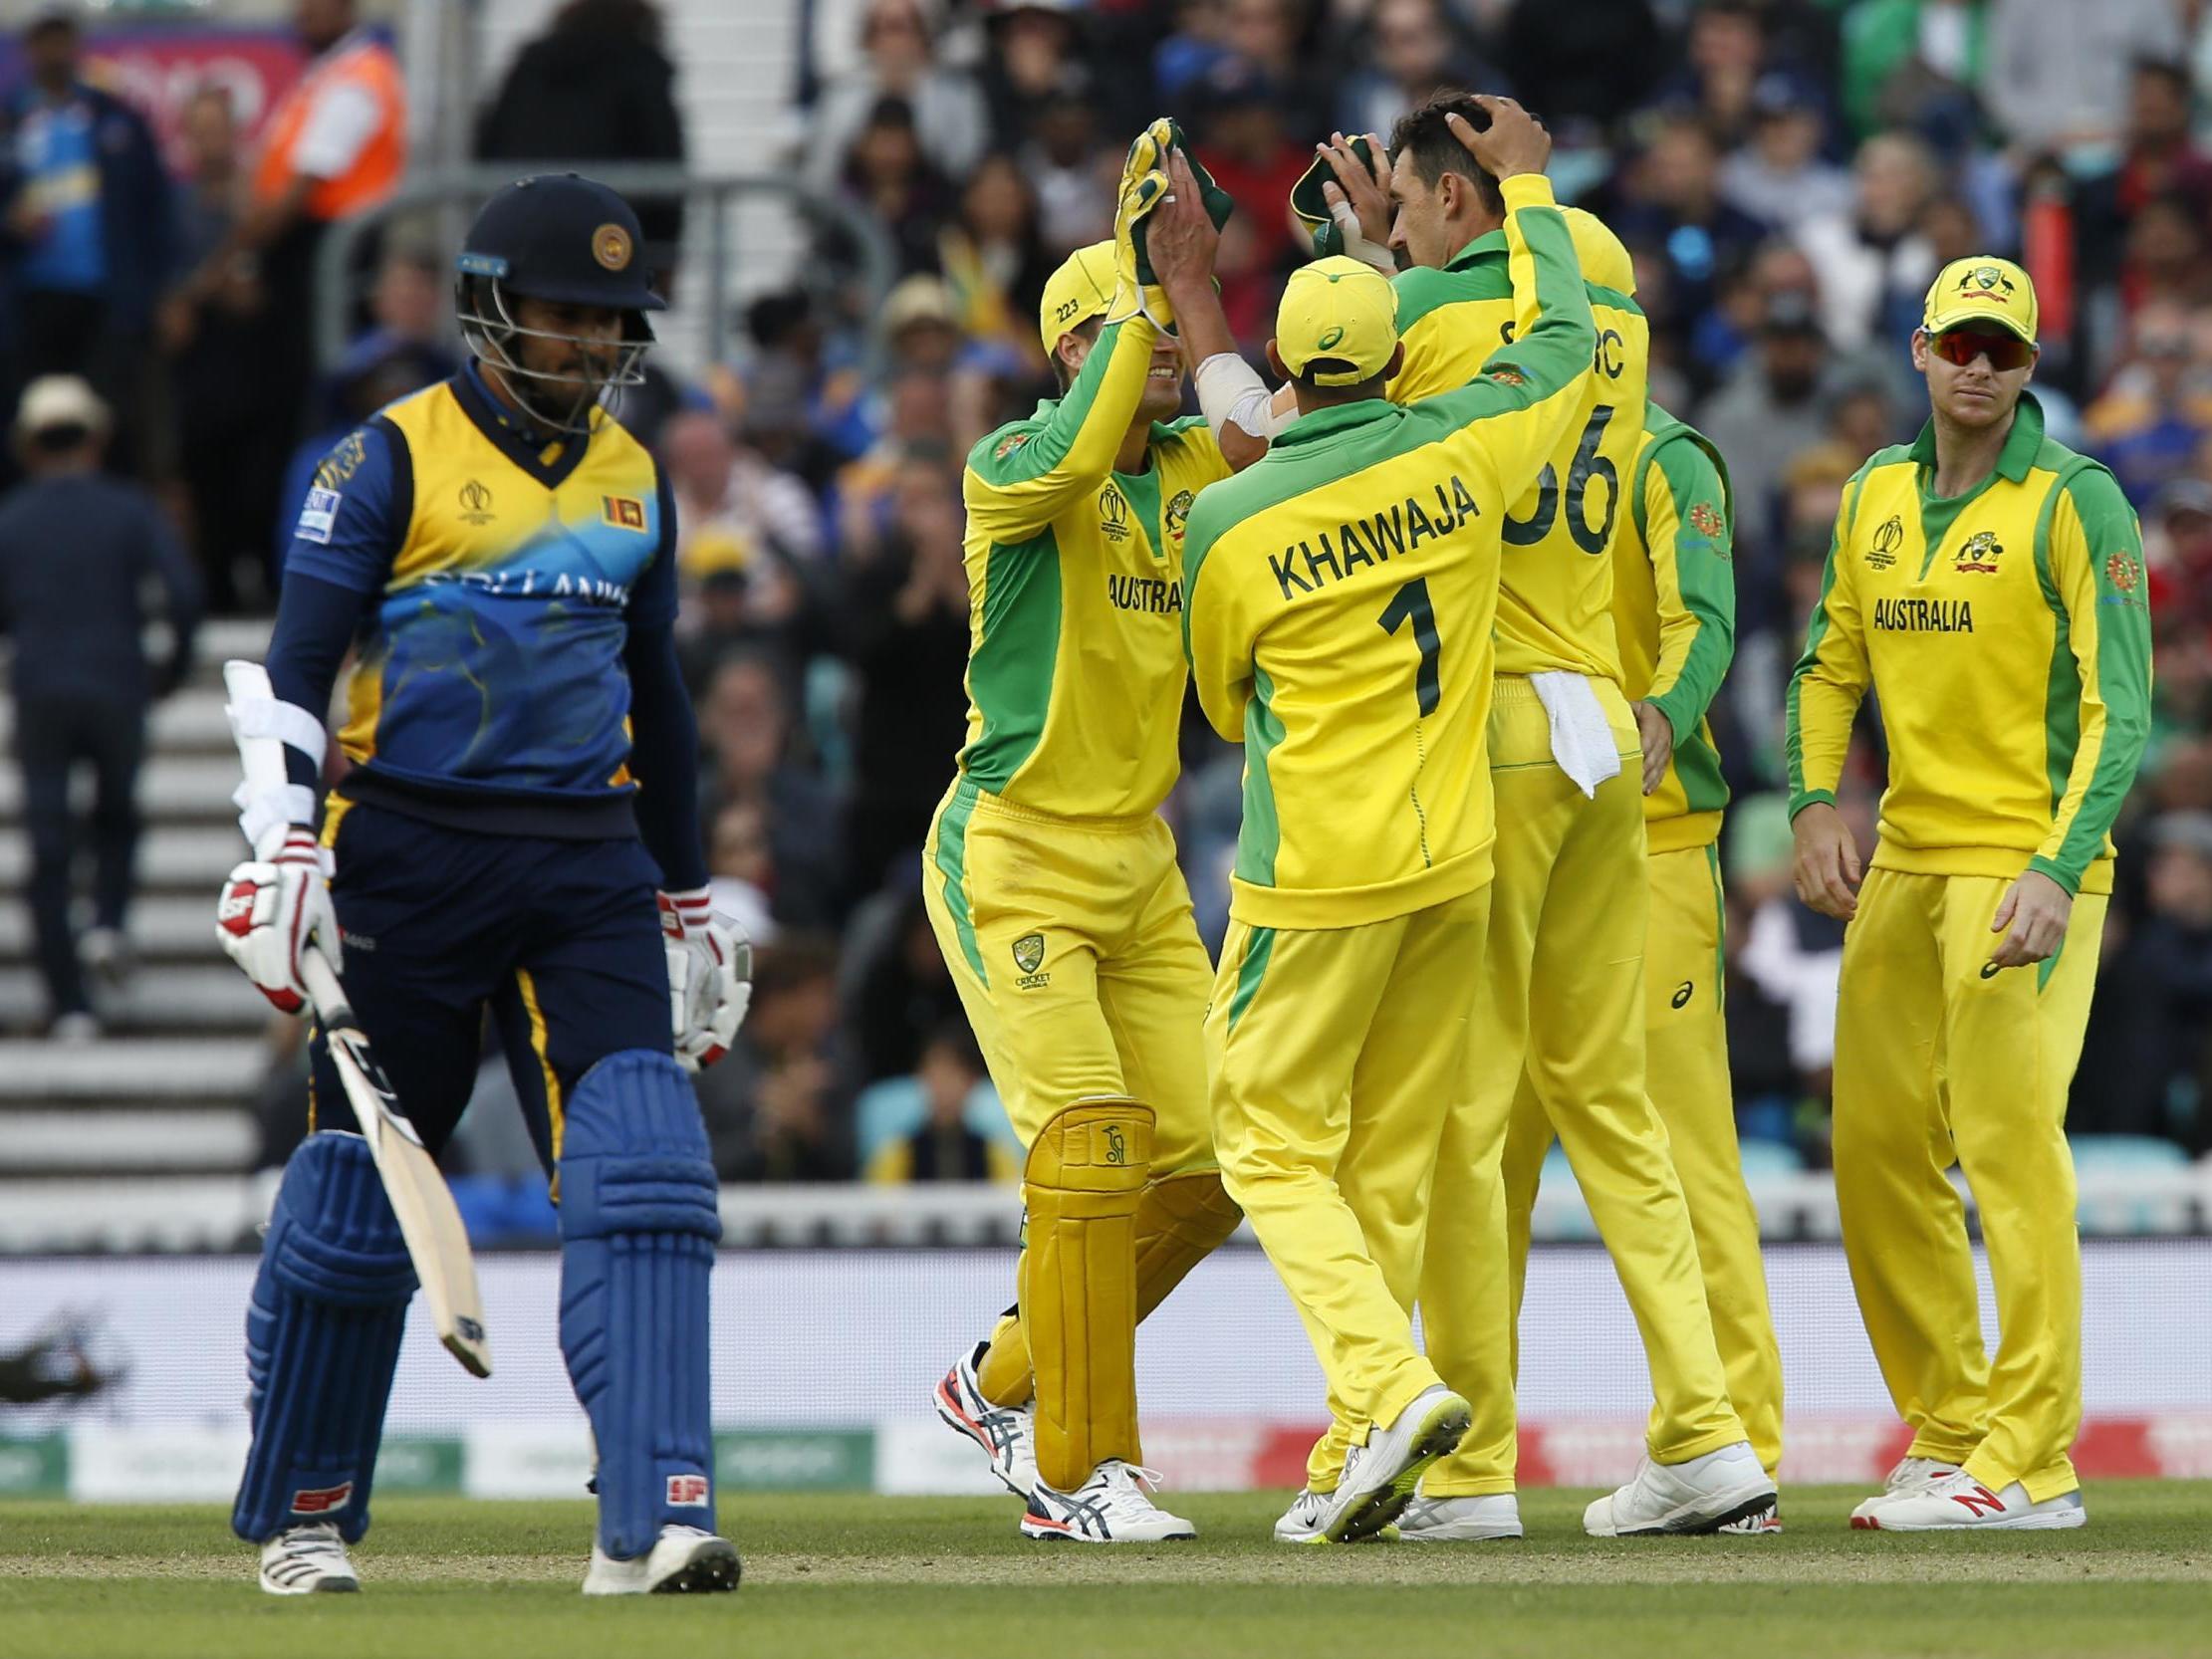 Australia Vs Sri Lanka Cricket World Cup 2019 Aaron